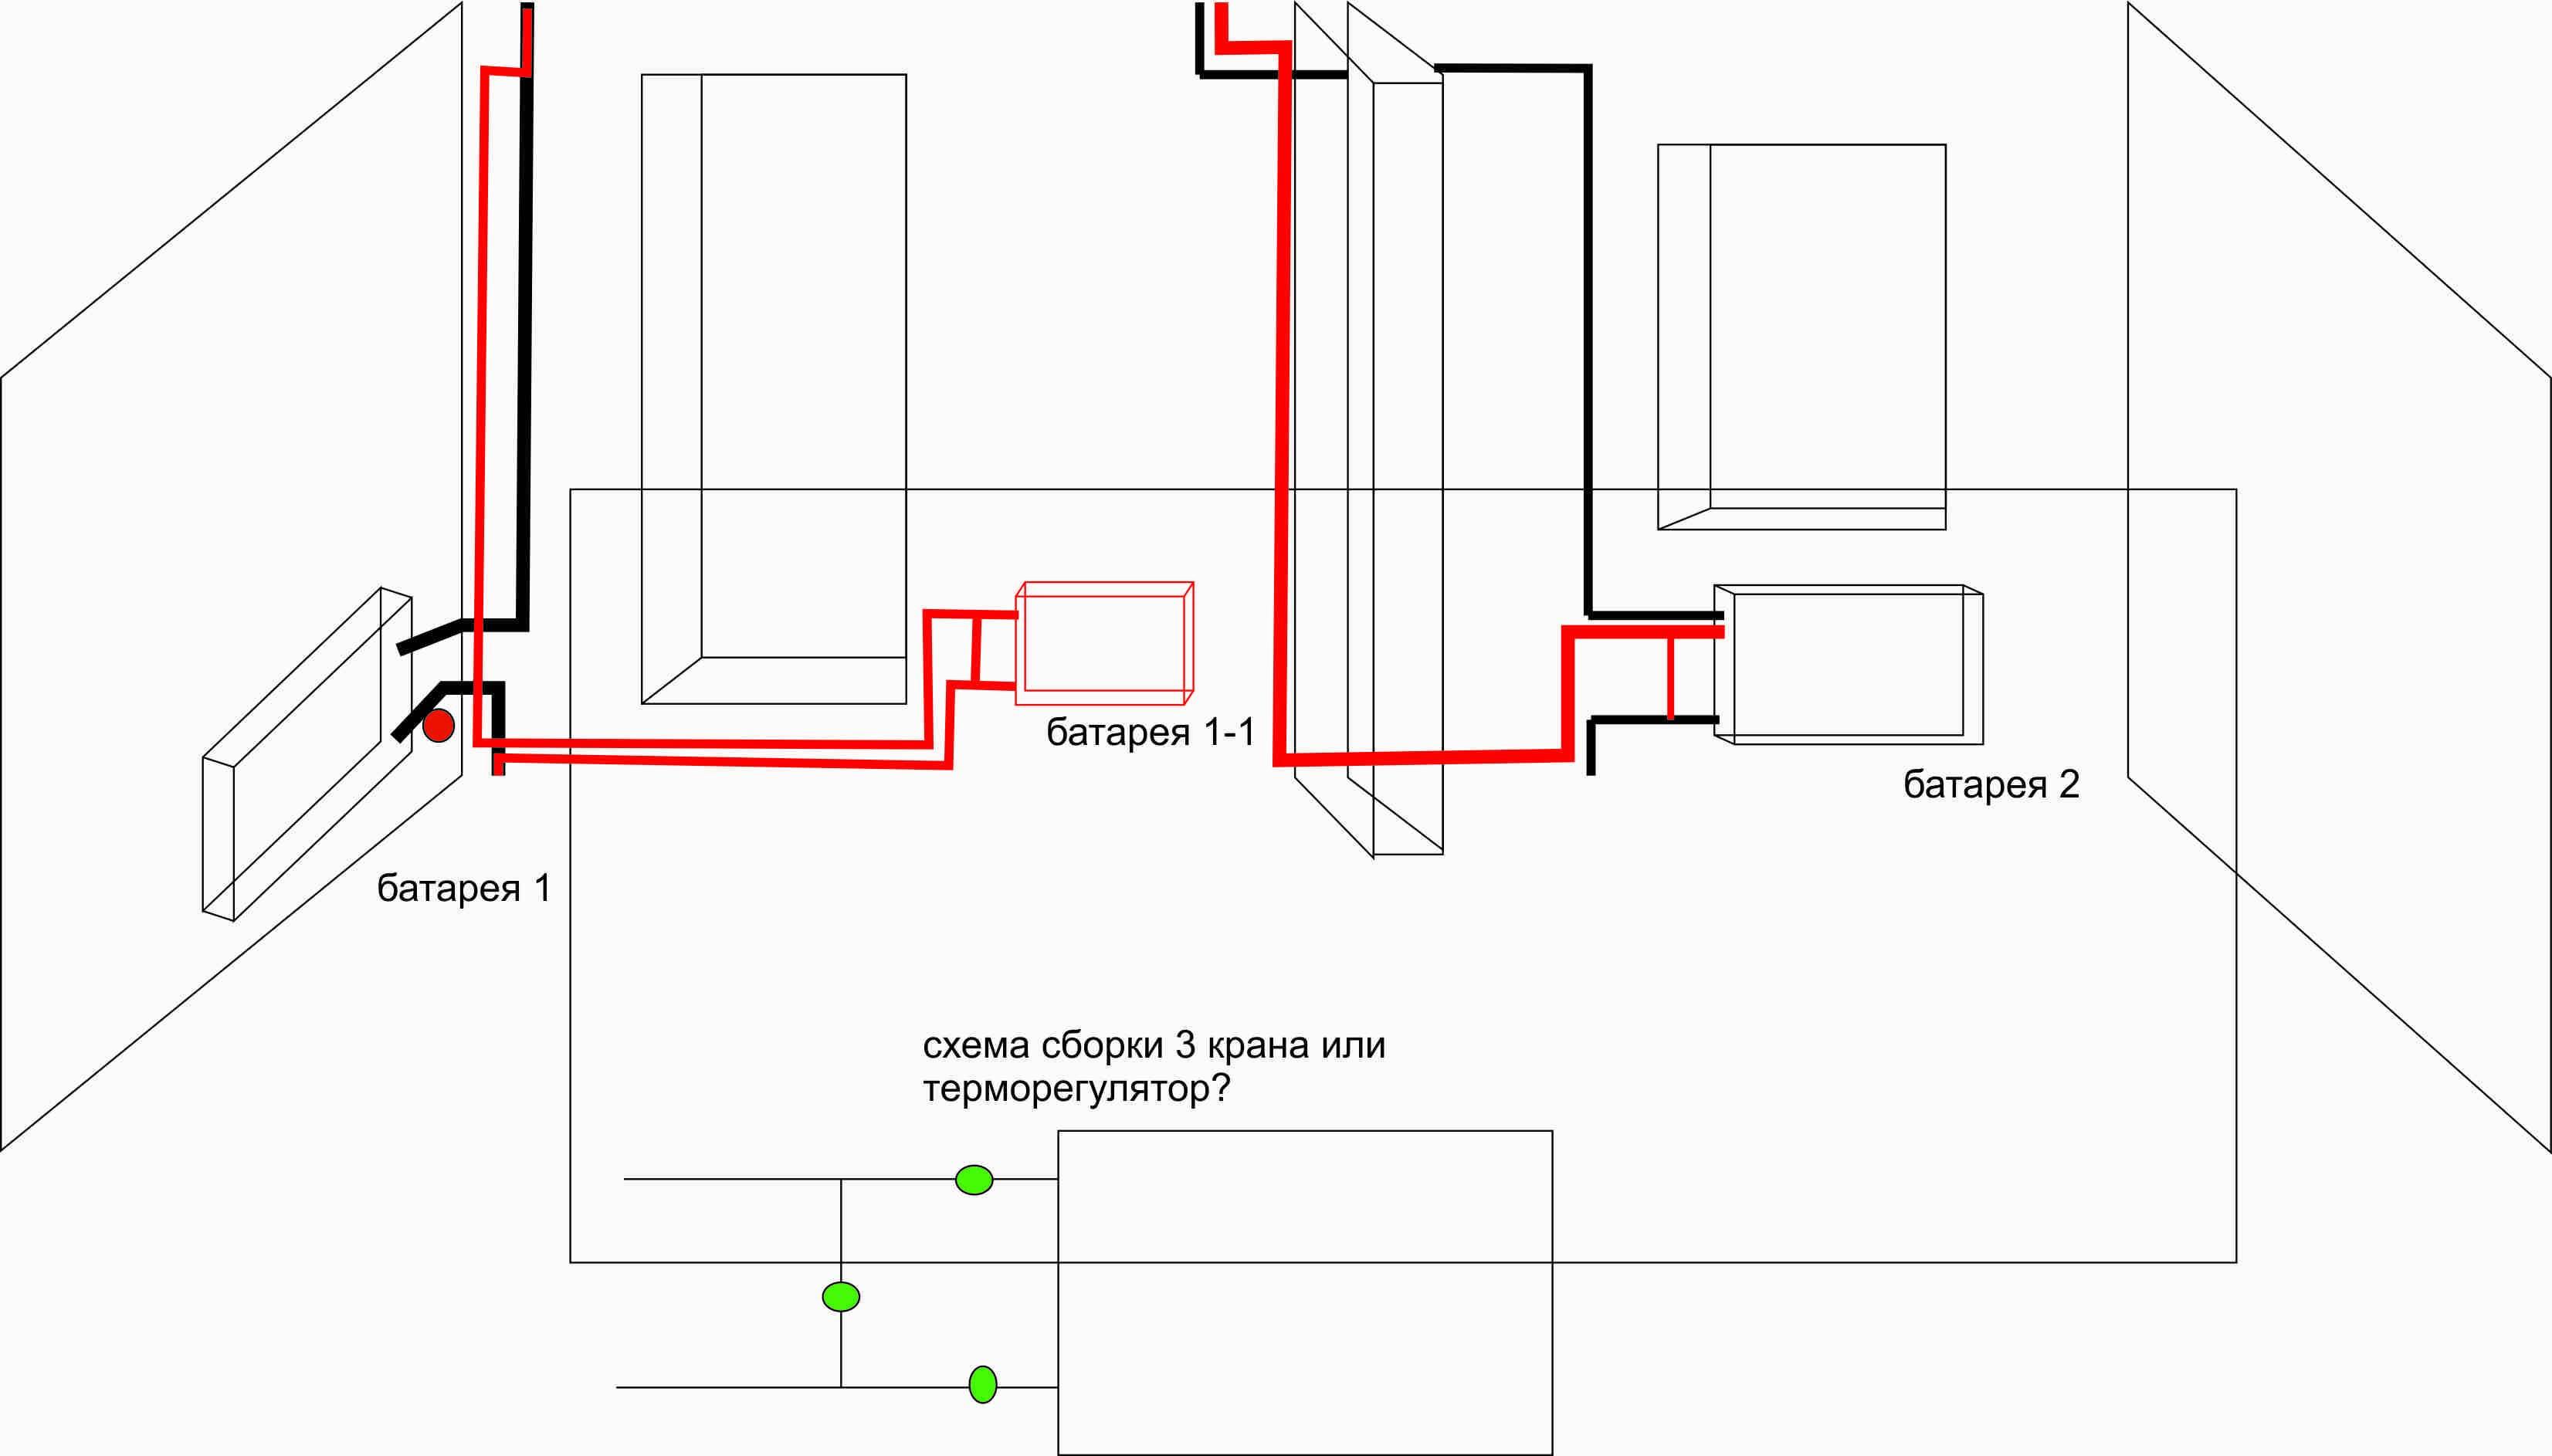 Регистры отопления из гладких труб: сварка